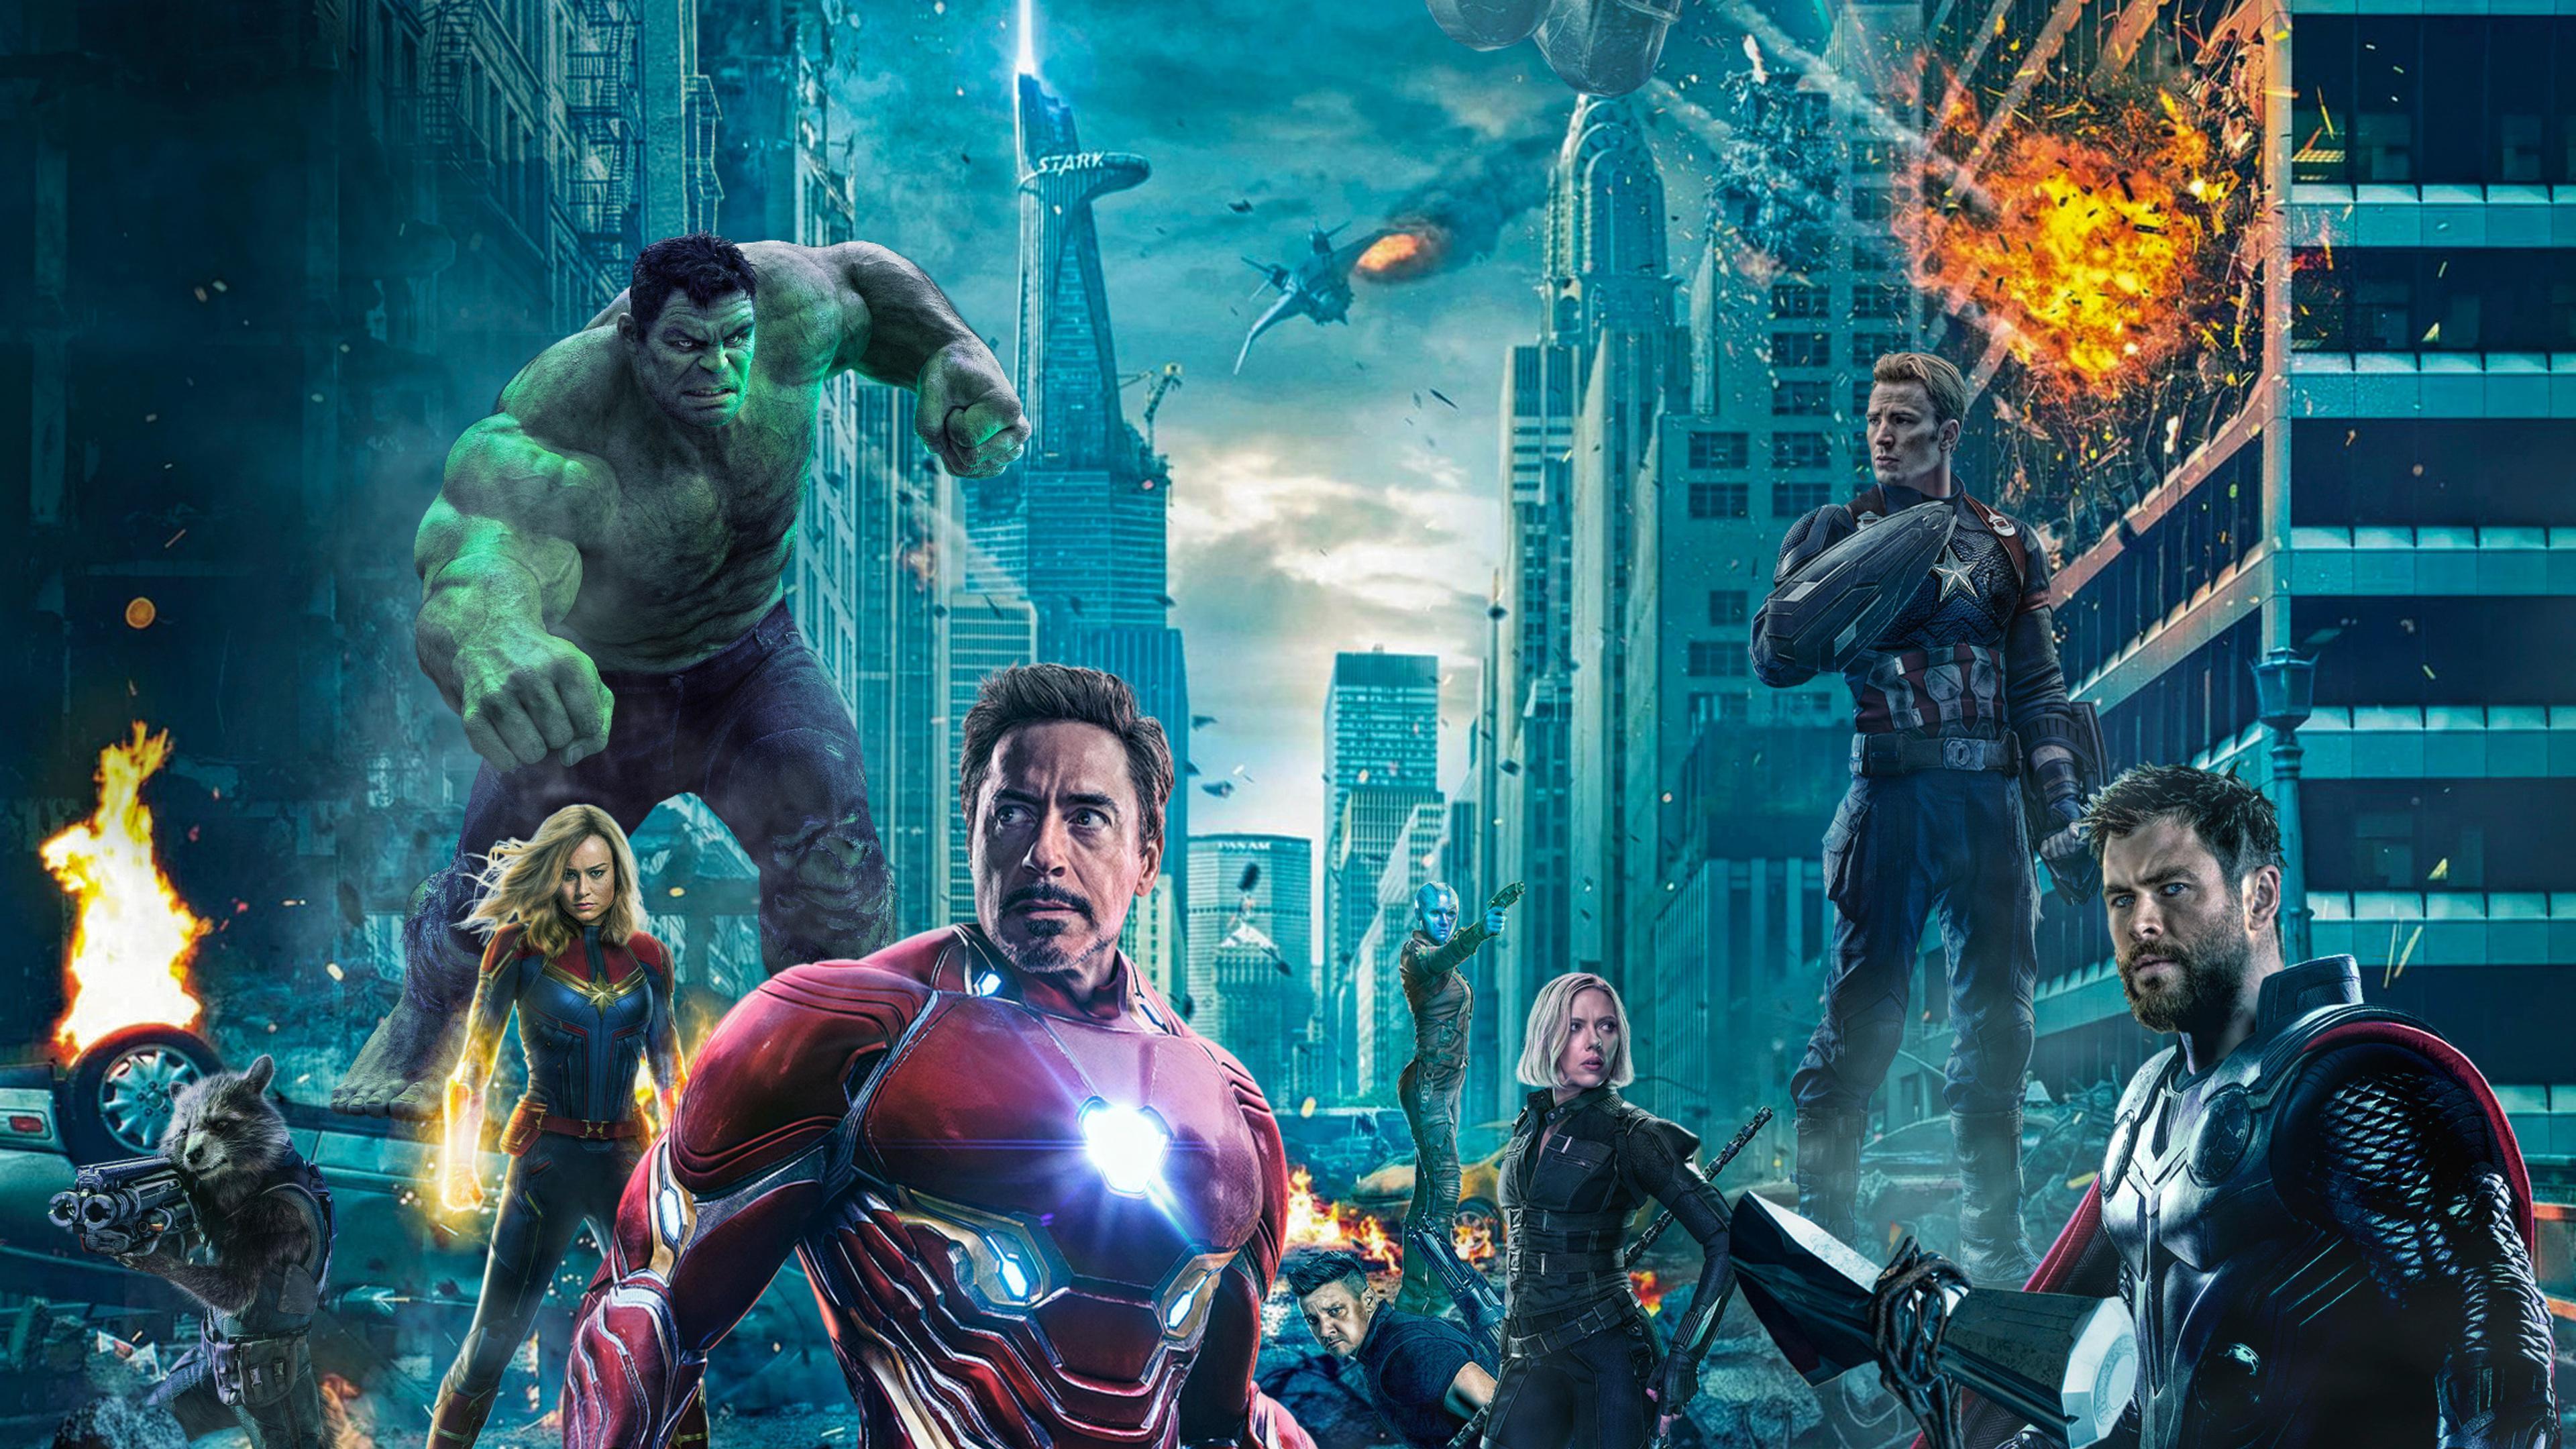 Avengers Endgame 4K Wallpapers - Wallpaper Cave